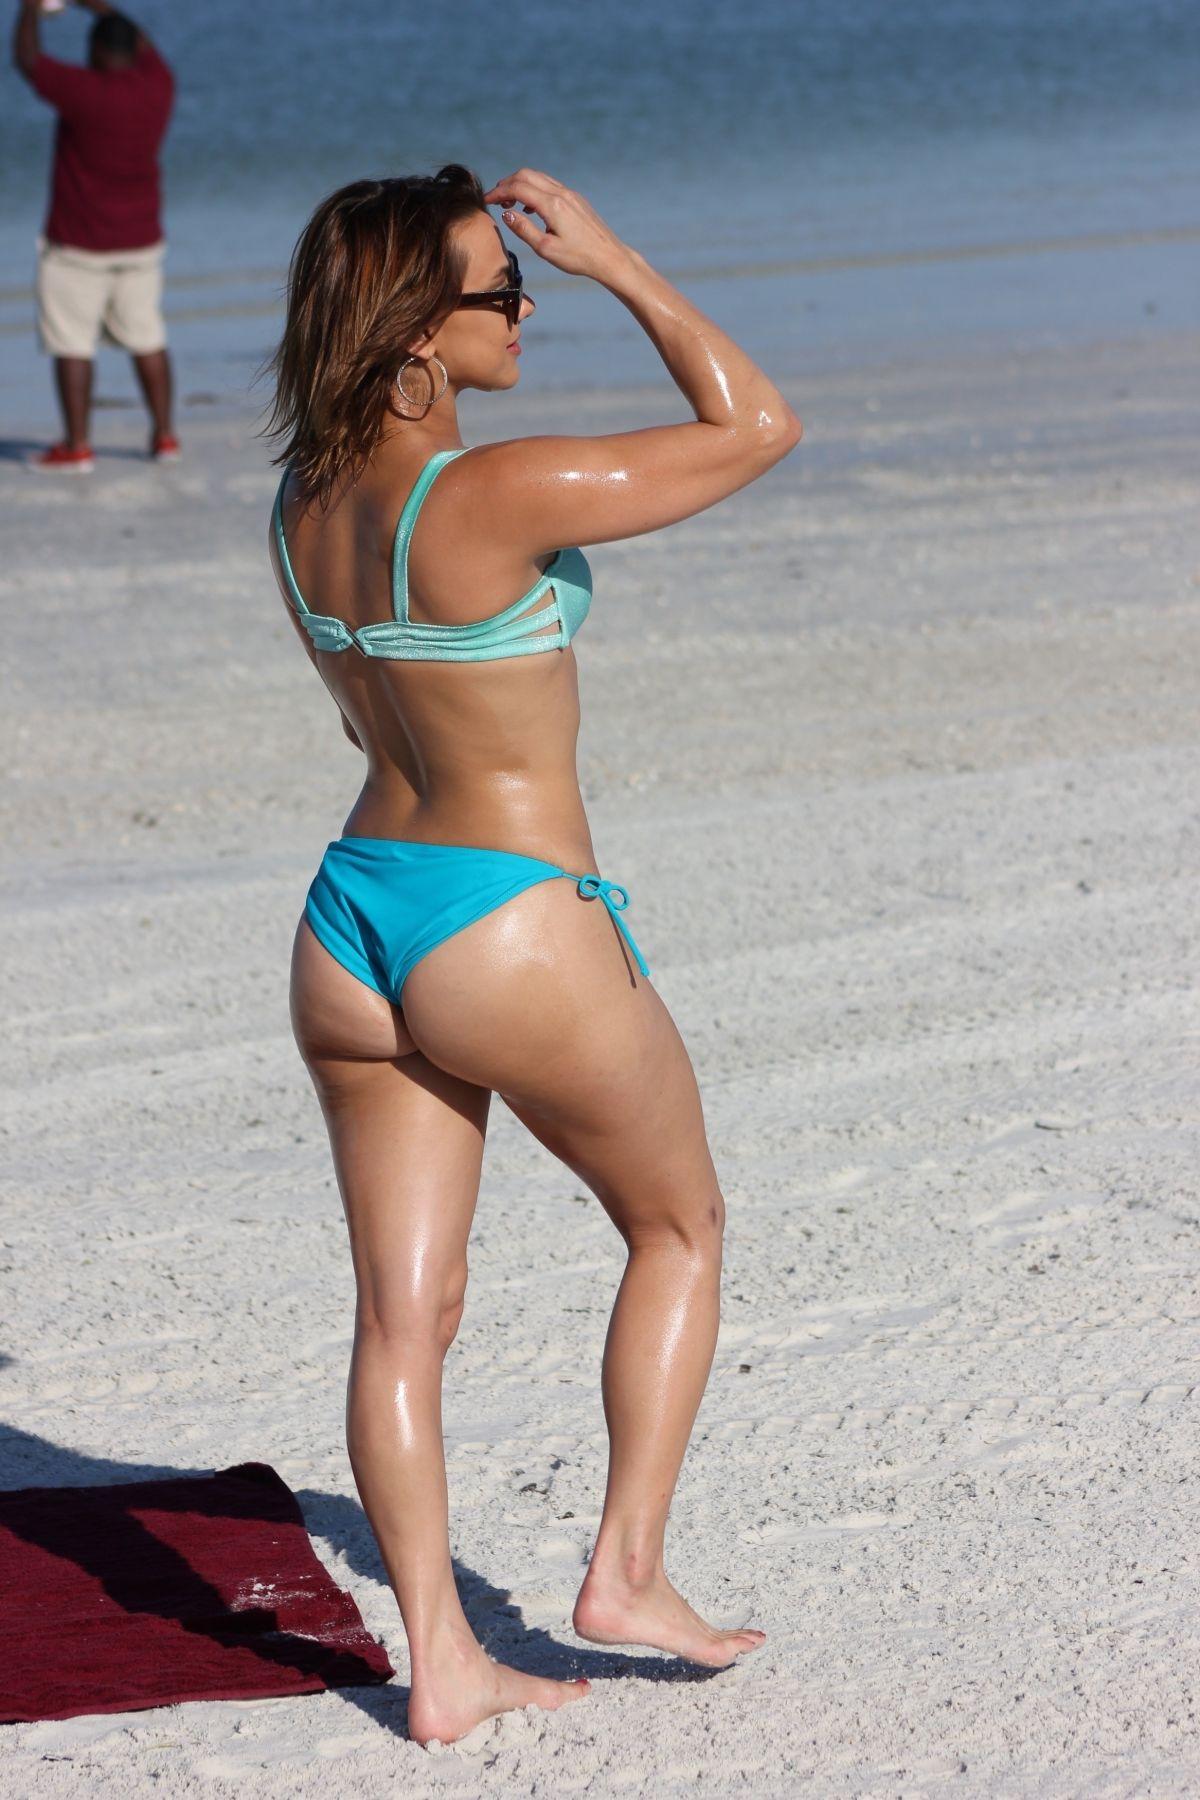 Bikini Maria Jade nude (87 photos), Sexy, Leaked, Feet, in bikini 2018